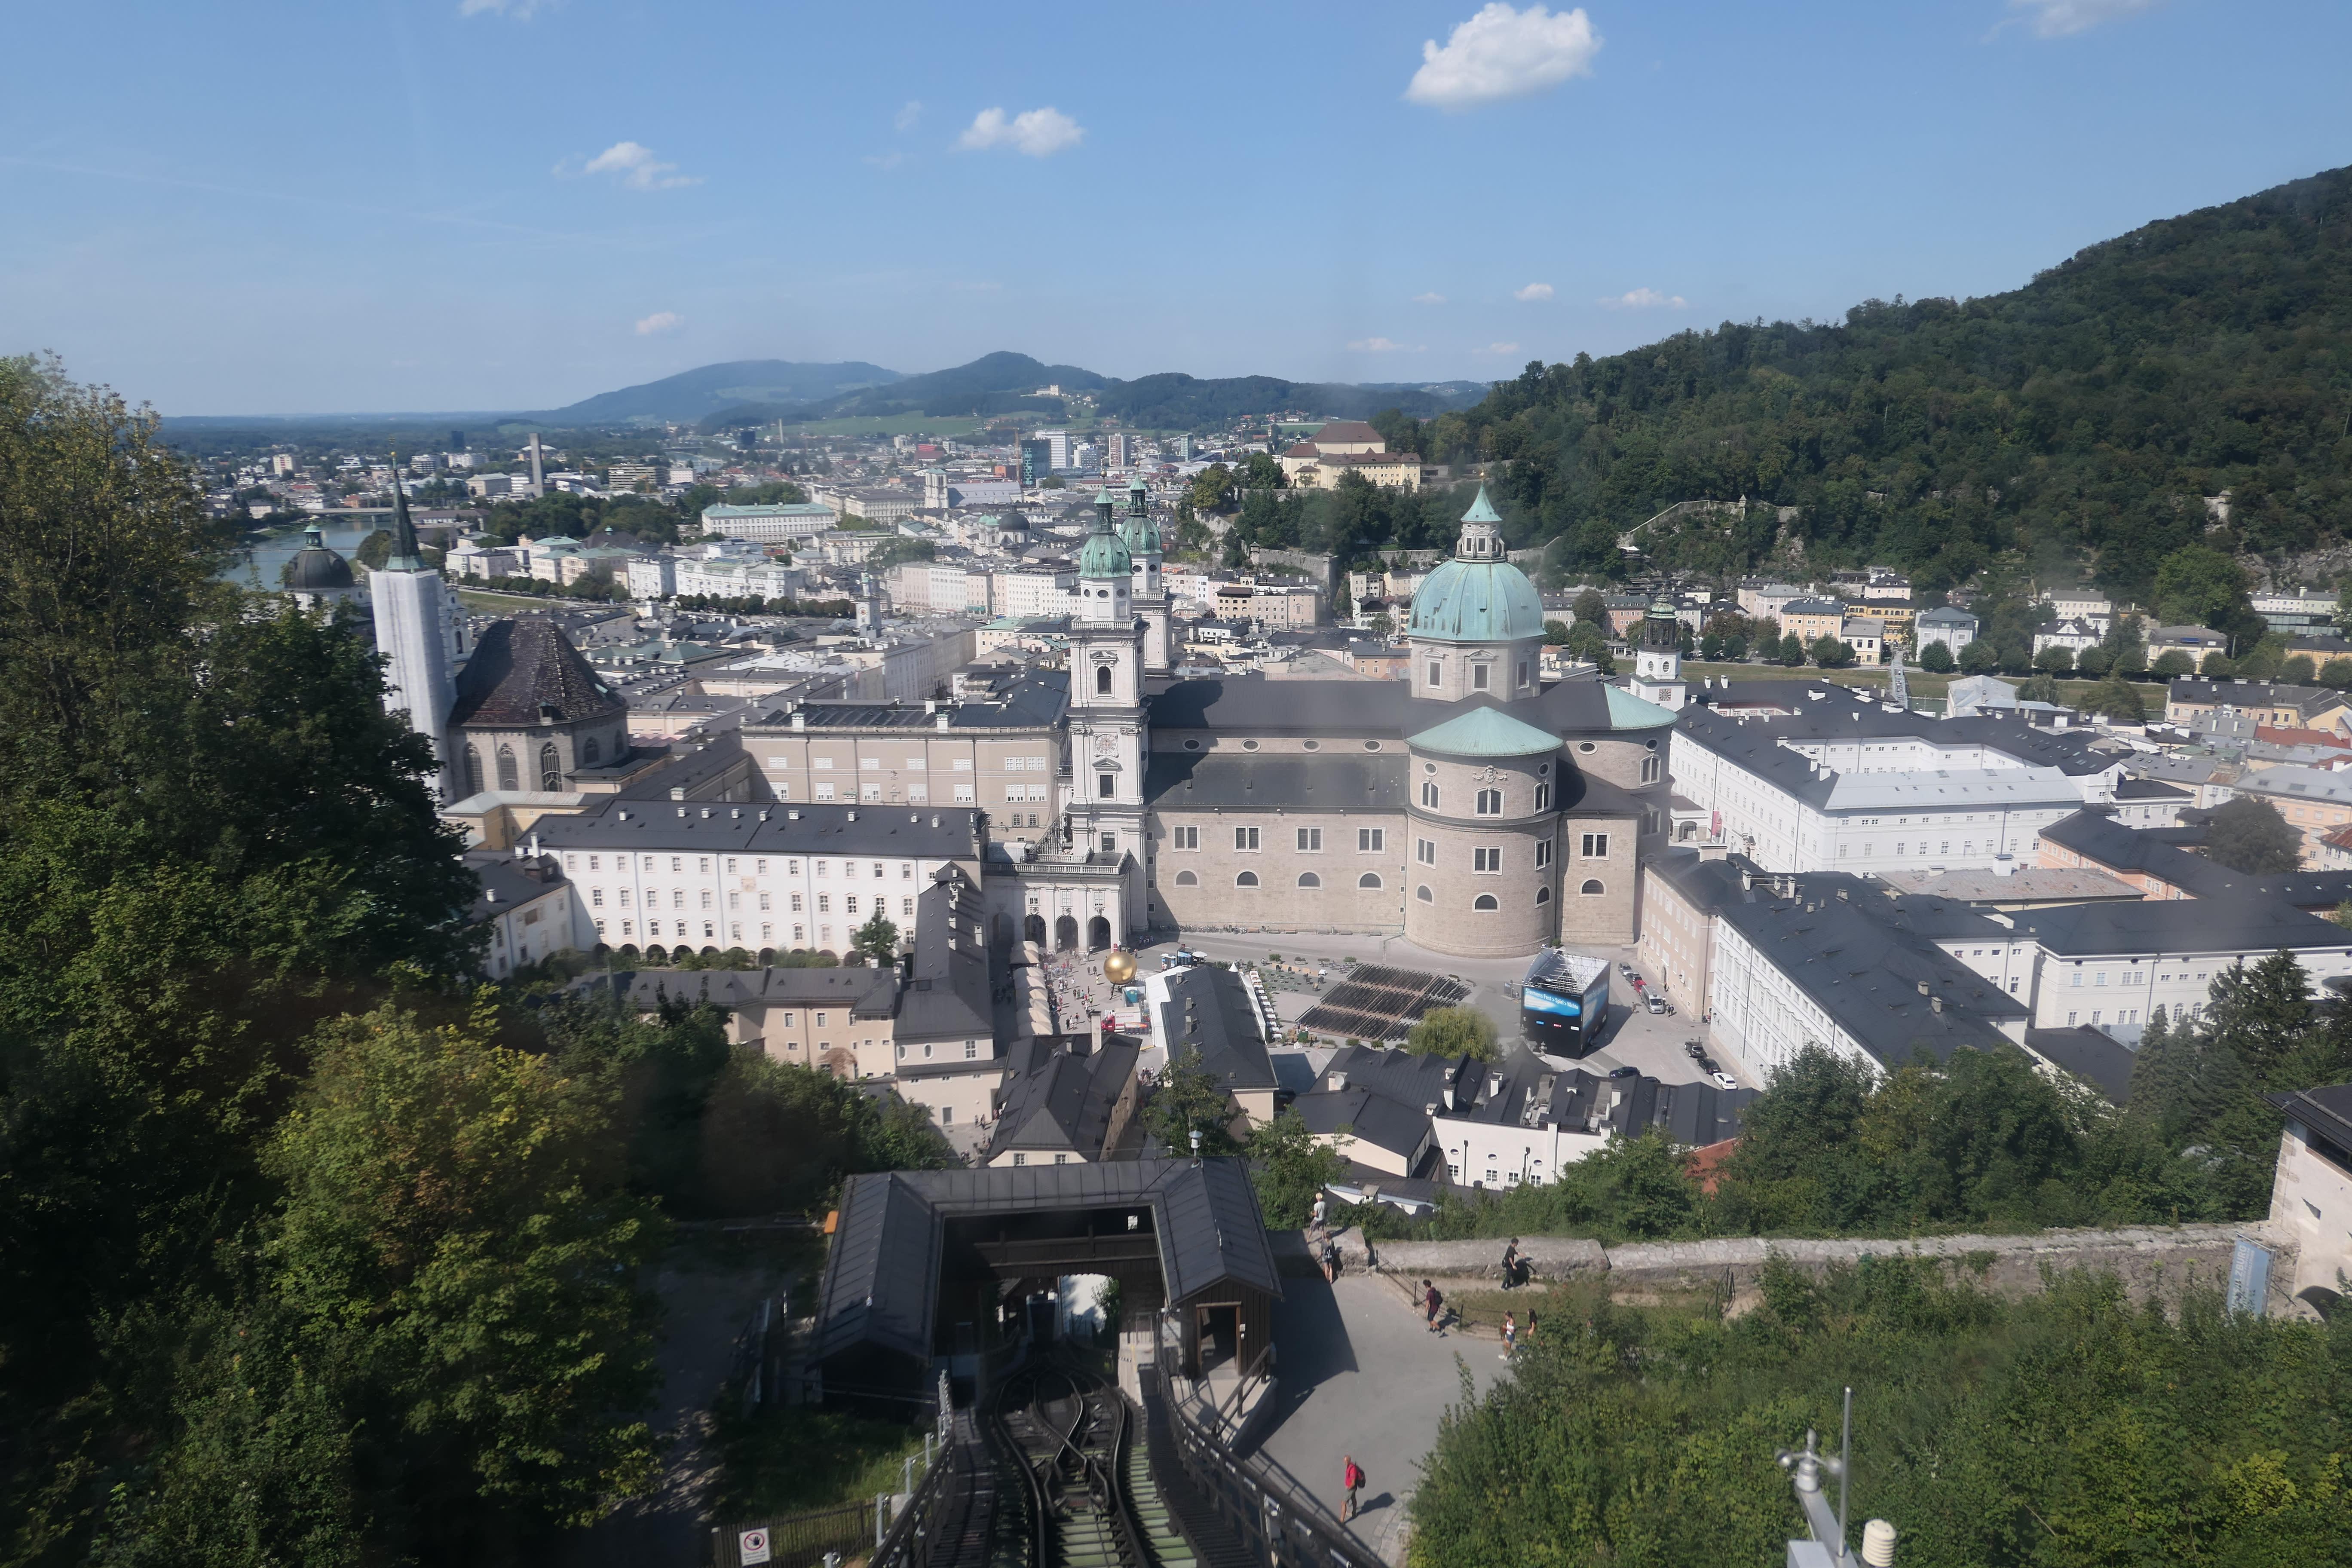 奧地利薩爾茨堡最強攻略!老城區與周邊景點一網打盡 探索城堡內的奧秘Salzburg